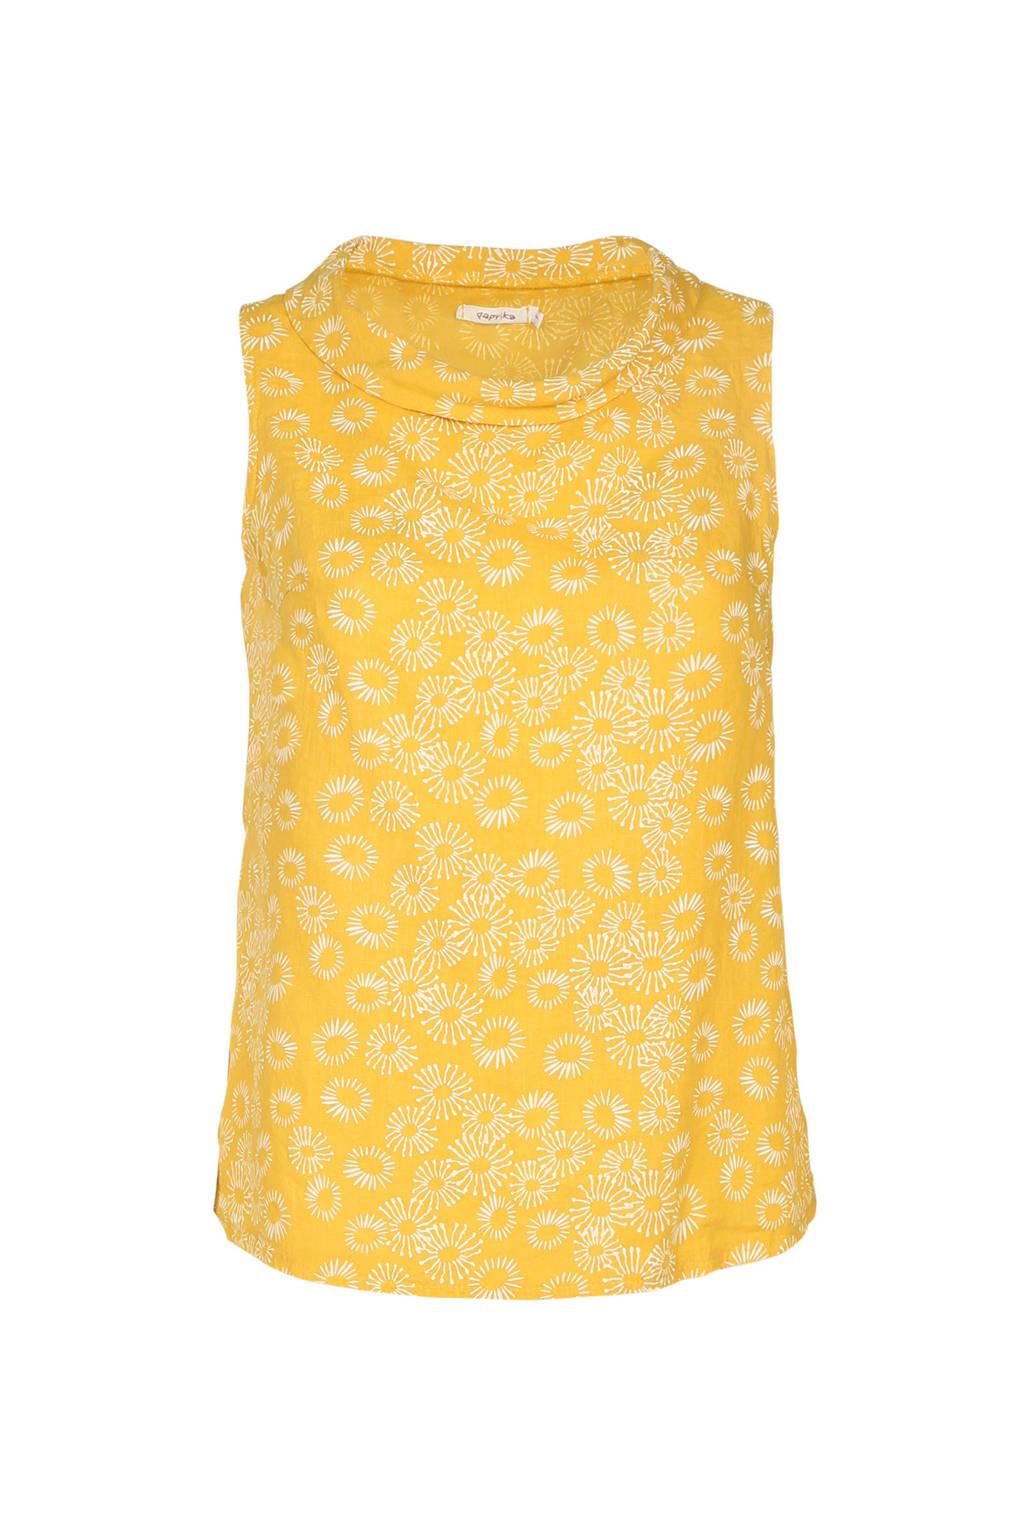 Paprika linnen top met all over print geel, Geel